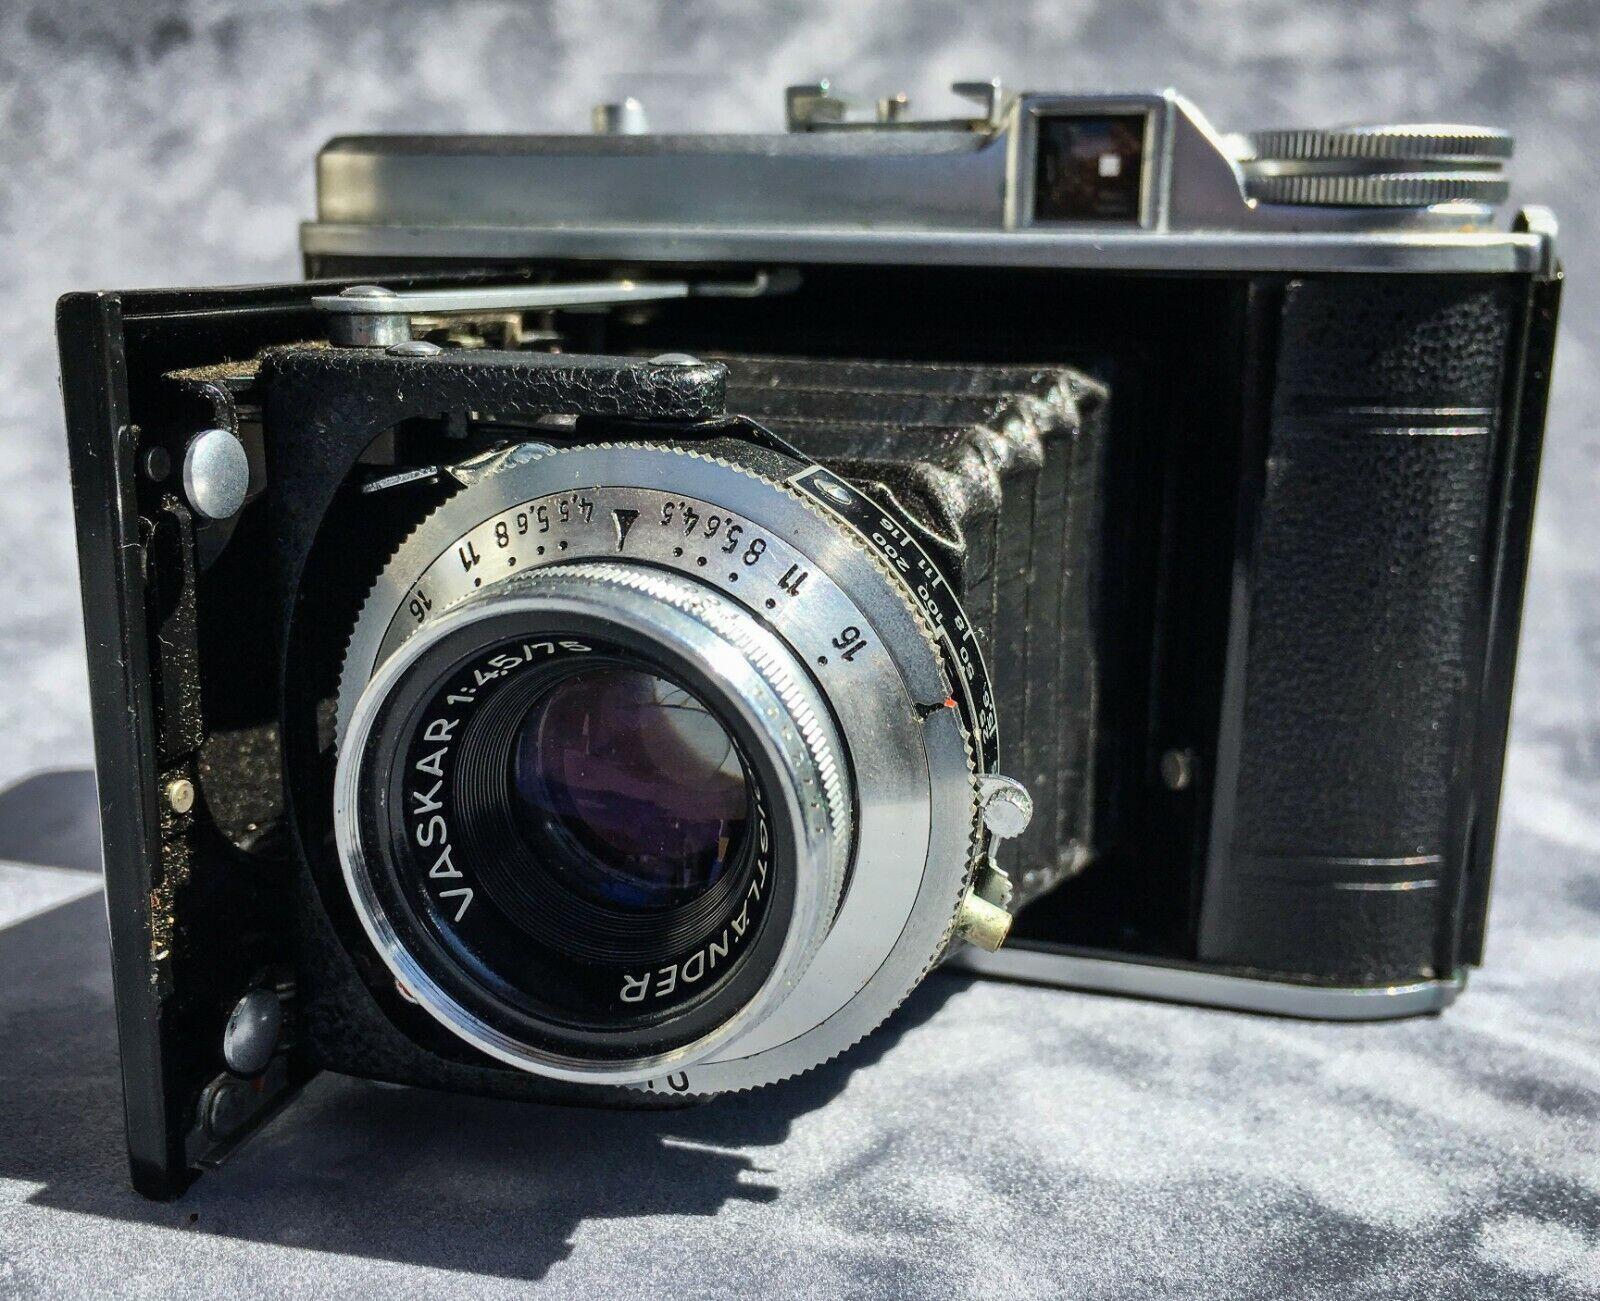 VOIGHTLANDER Perkeo 1 Folding Camera, Vaskar 75mm F4.5 VINTAGE - $300.00